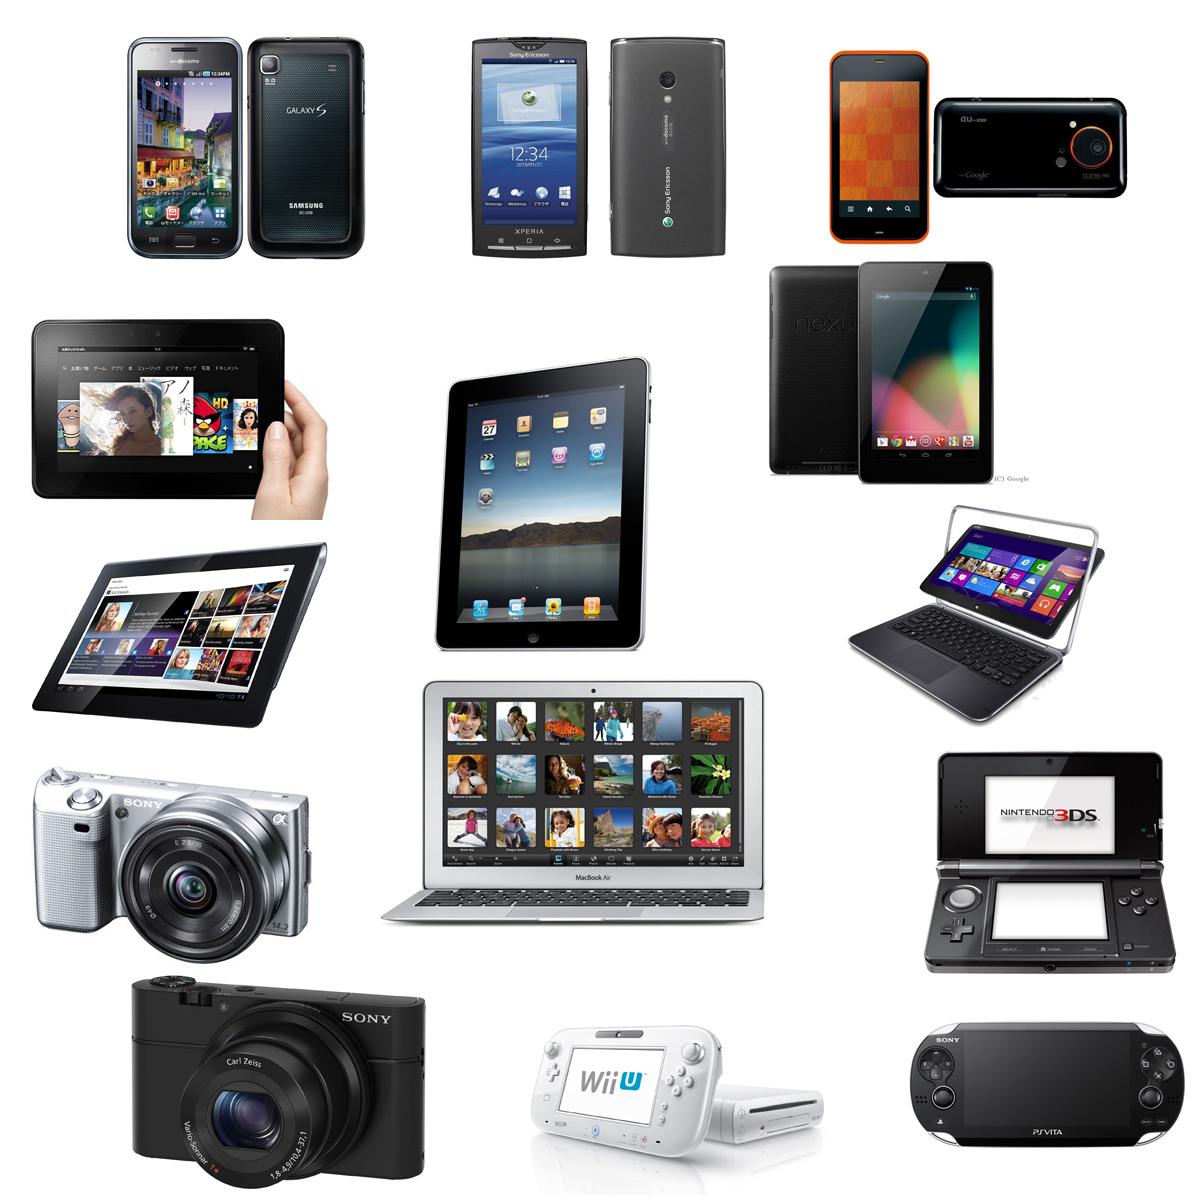 激動の平成デジタルガジェット史 第8回:平成22〜24年(2010〜2012年)